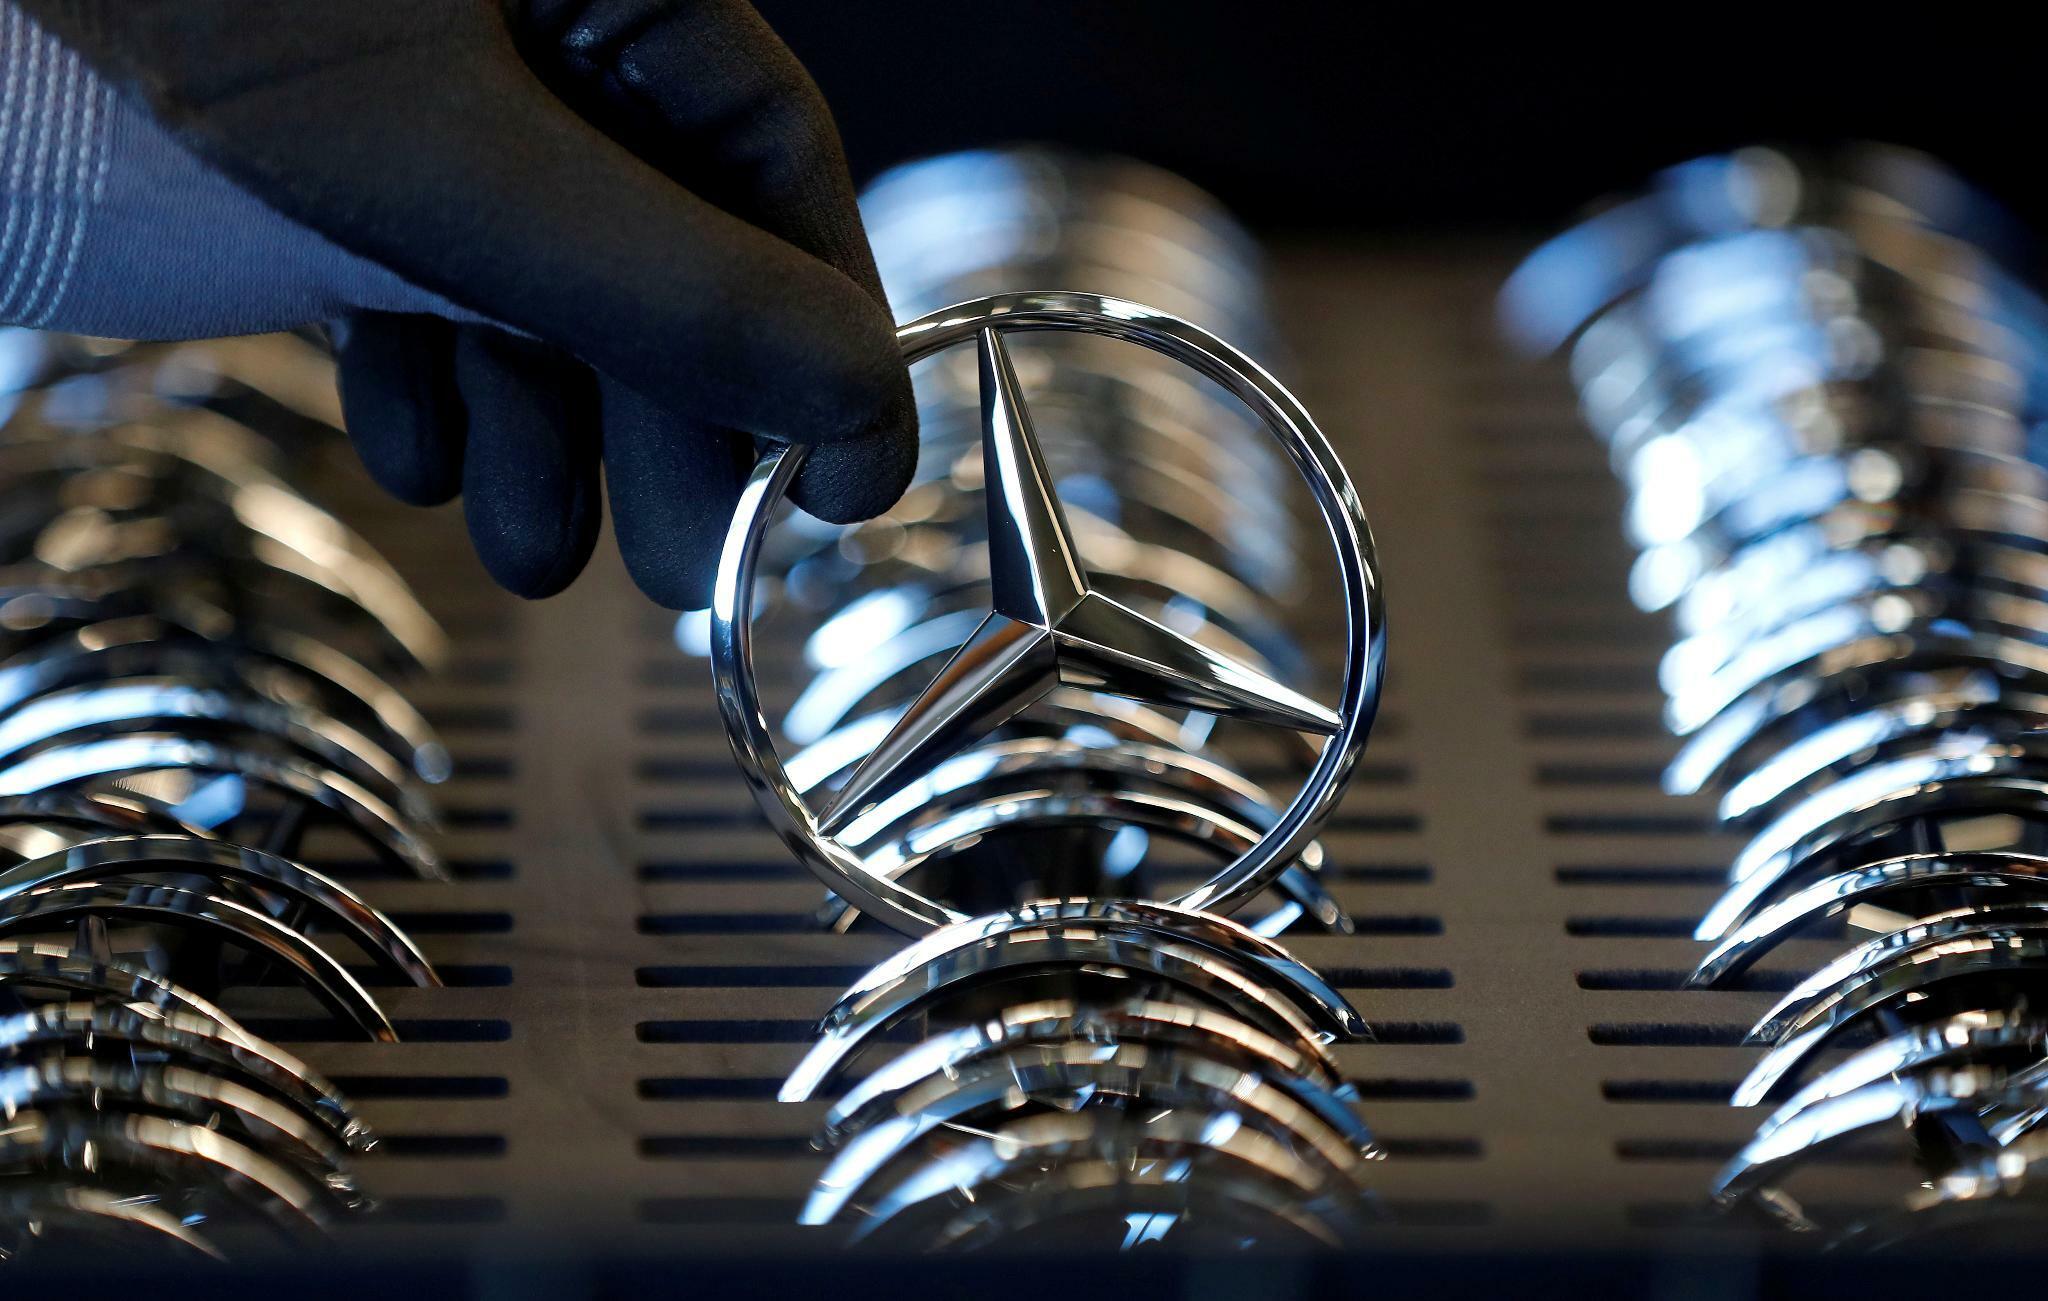 DAX-News: Daimler-Aktien könnten die Wende schaffen